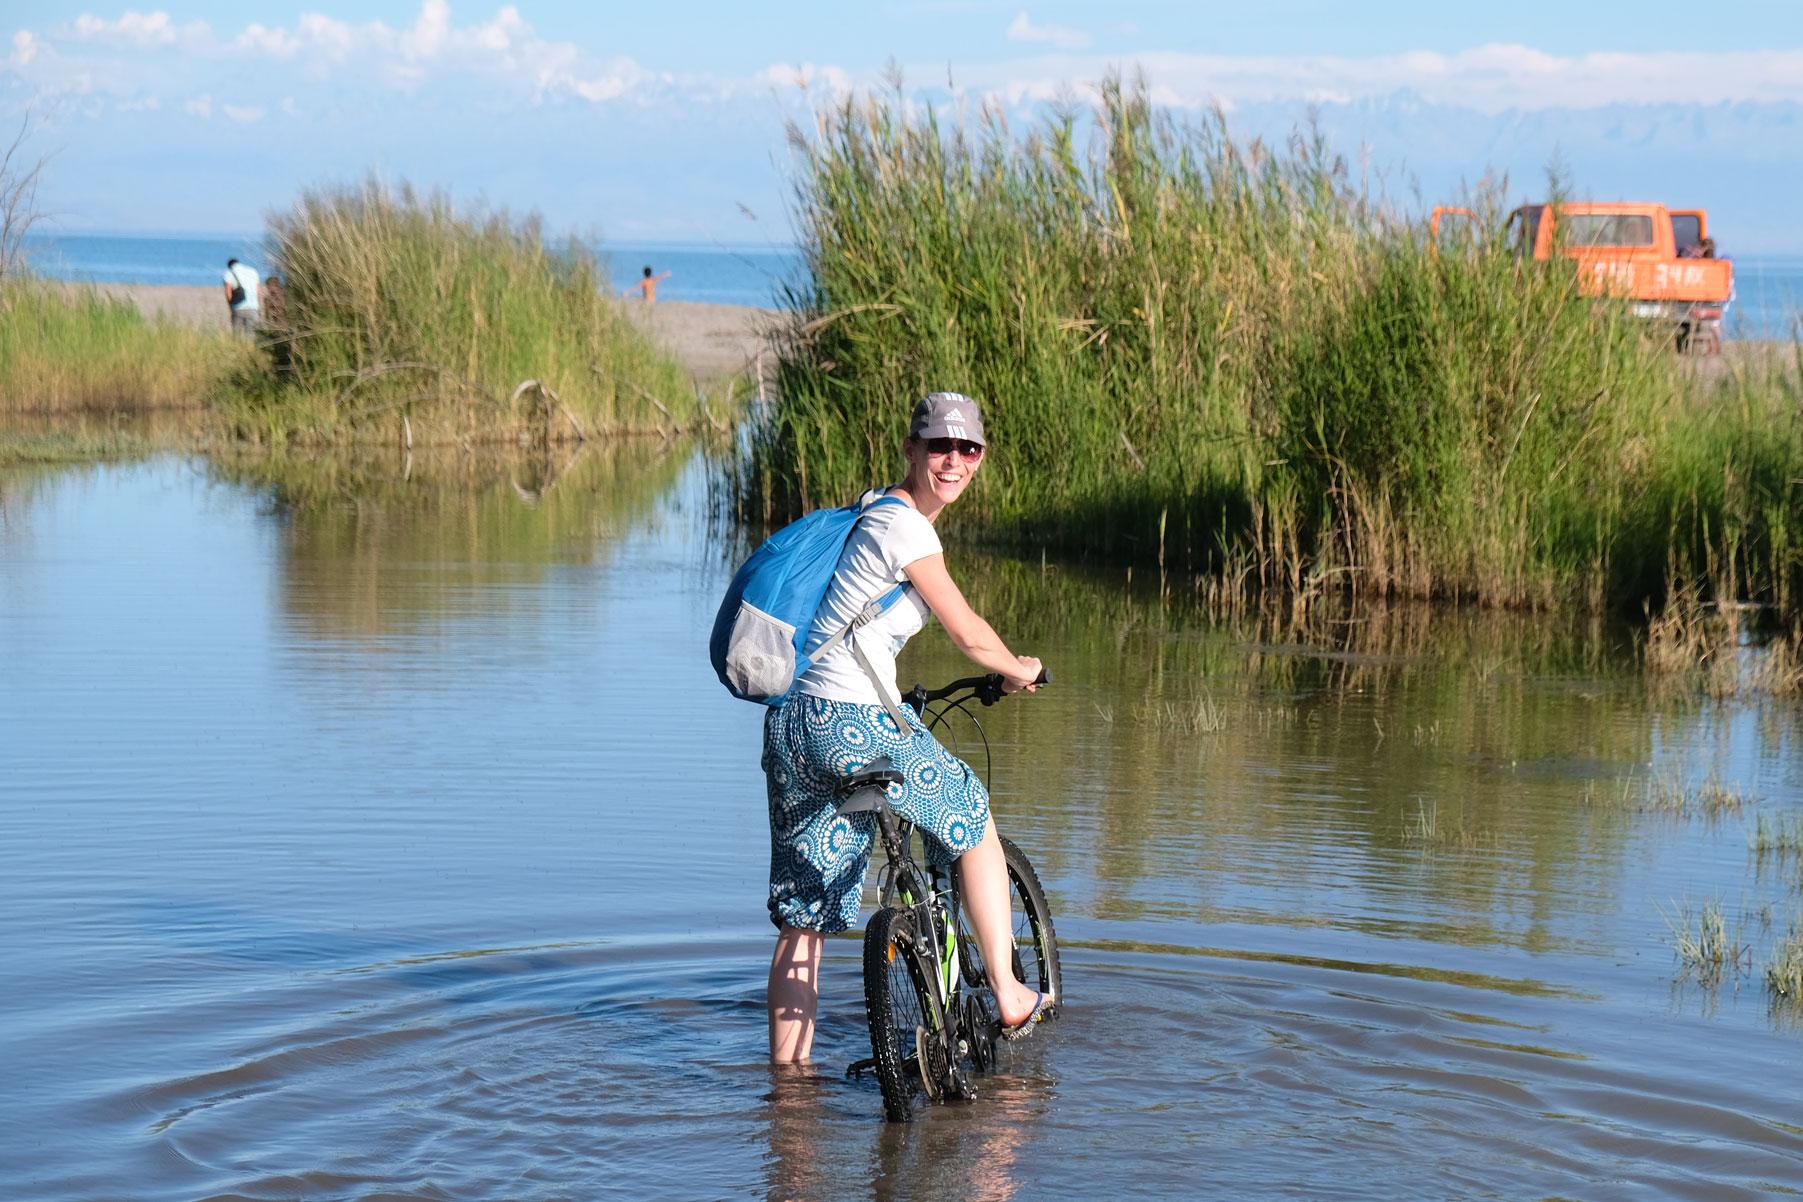 Wohl auch ein Grund, warum die Fahrradtour länger wurde, als gedacht... ;-) Kleine Überschwemmung auf dem Weg zum Strand